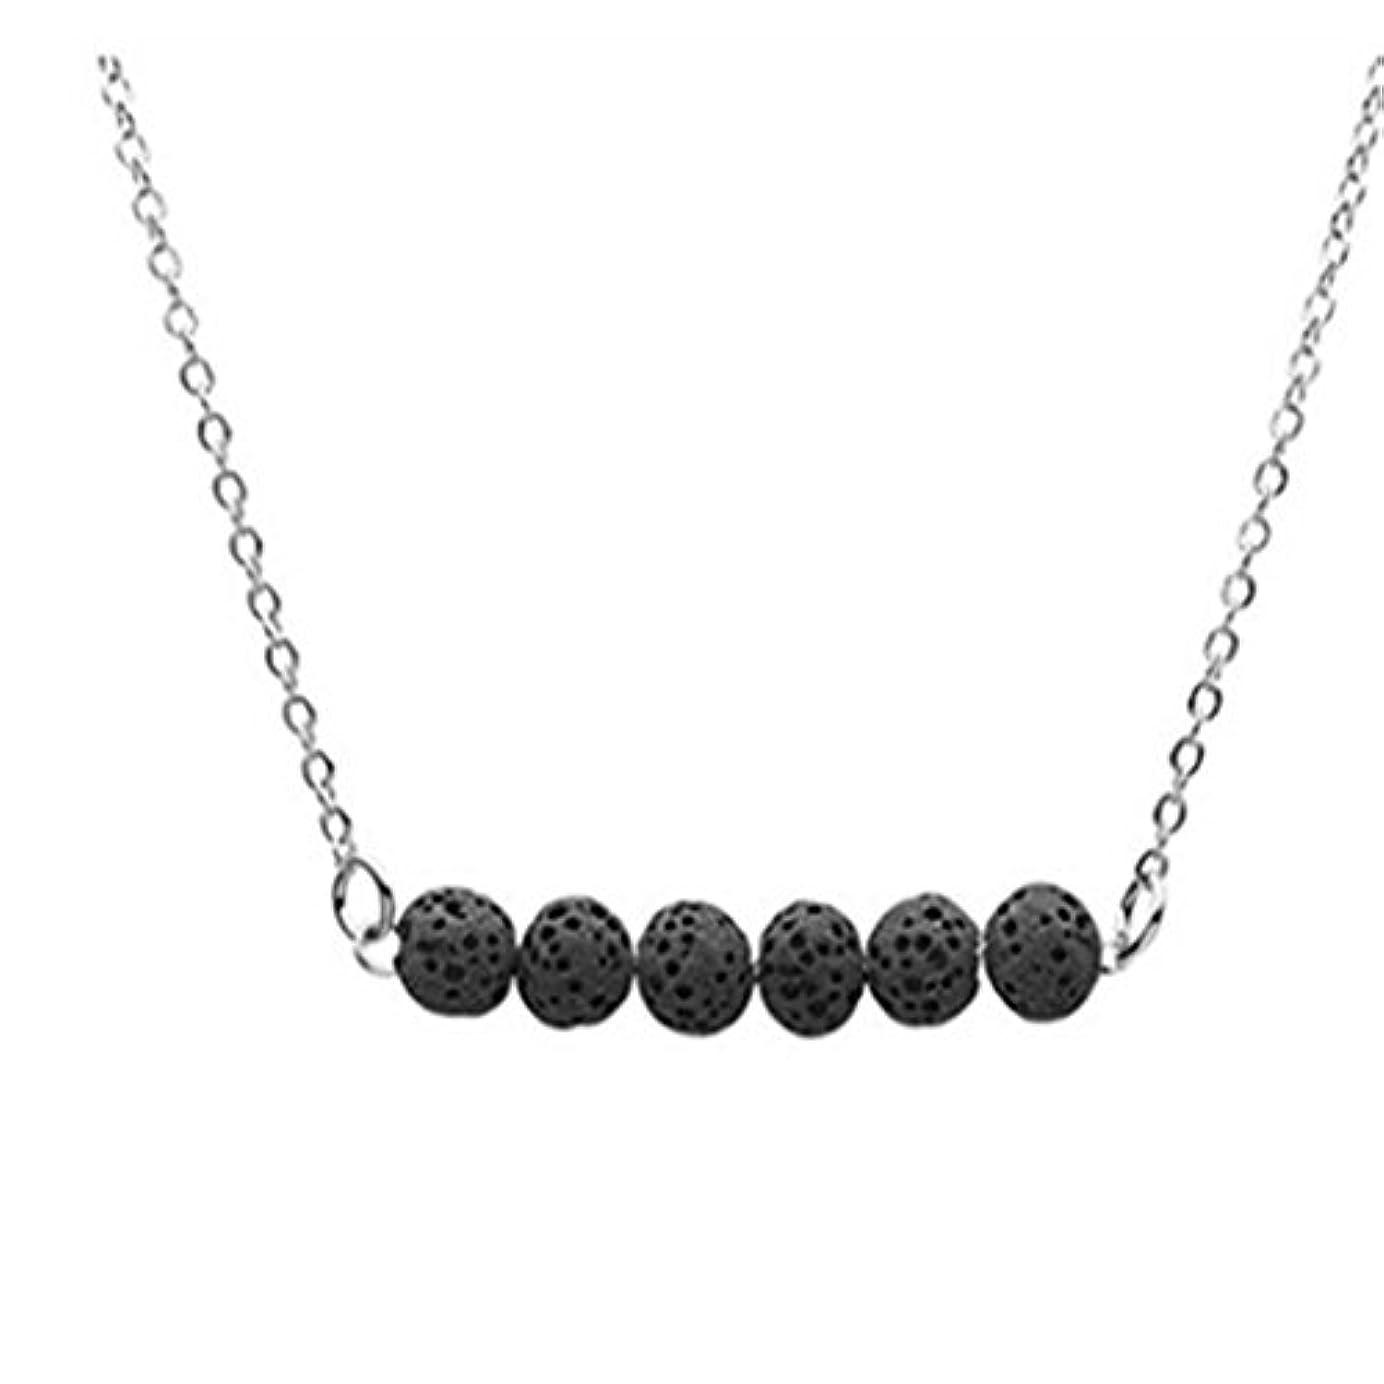 ループ検証結果としてcianowegy Simple Tinyラバストーンネックレス、Essential Oil Diffuserネックレスwith Lava Stone – ステンレススチール ブラック